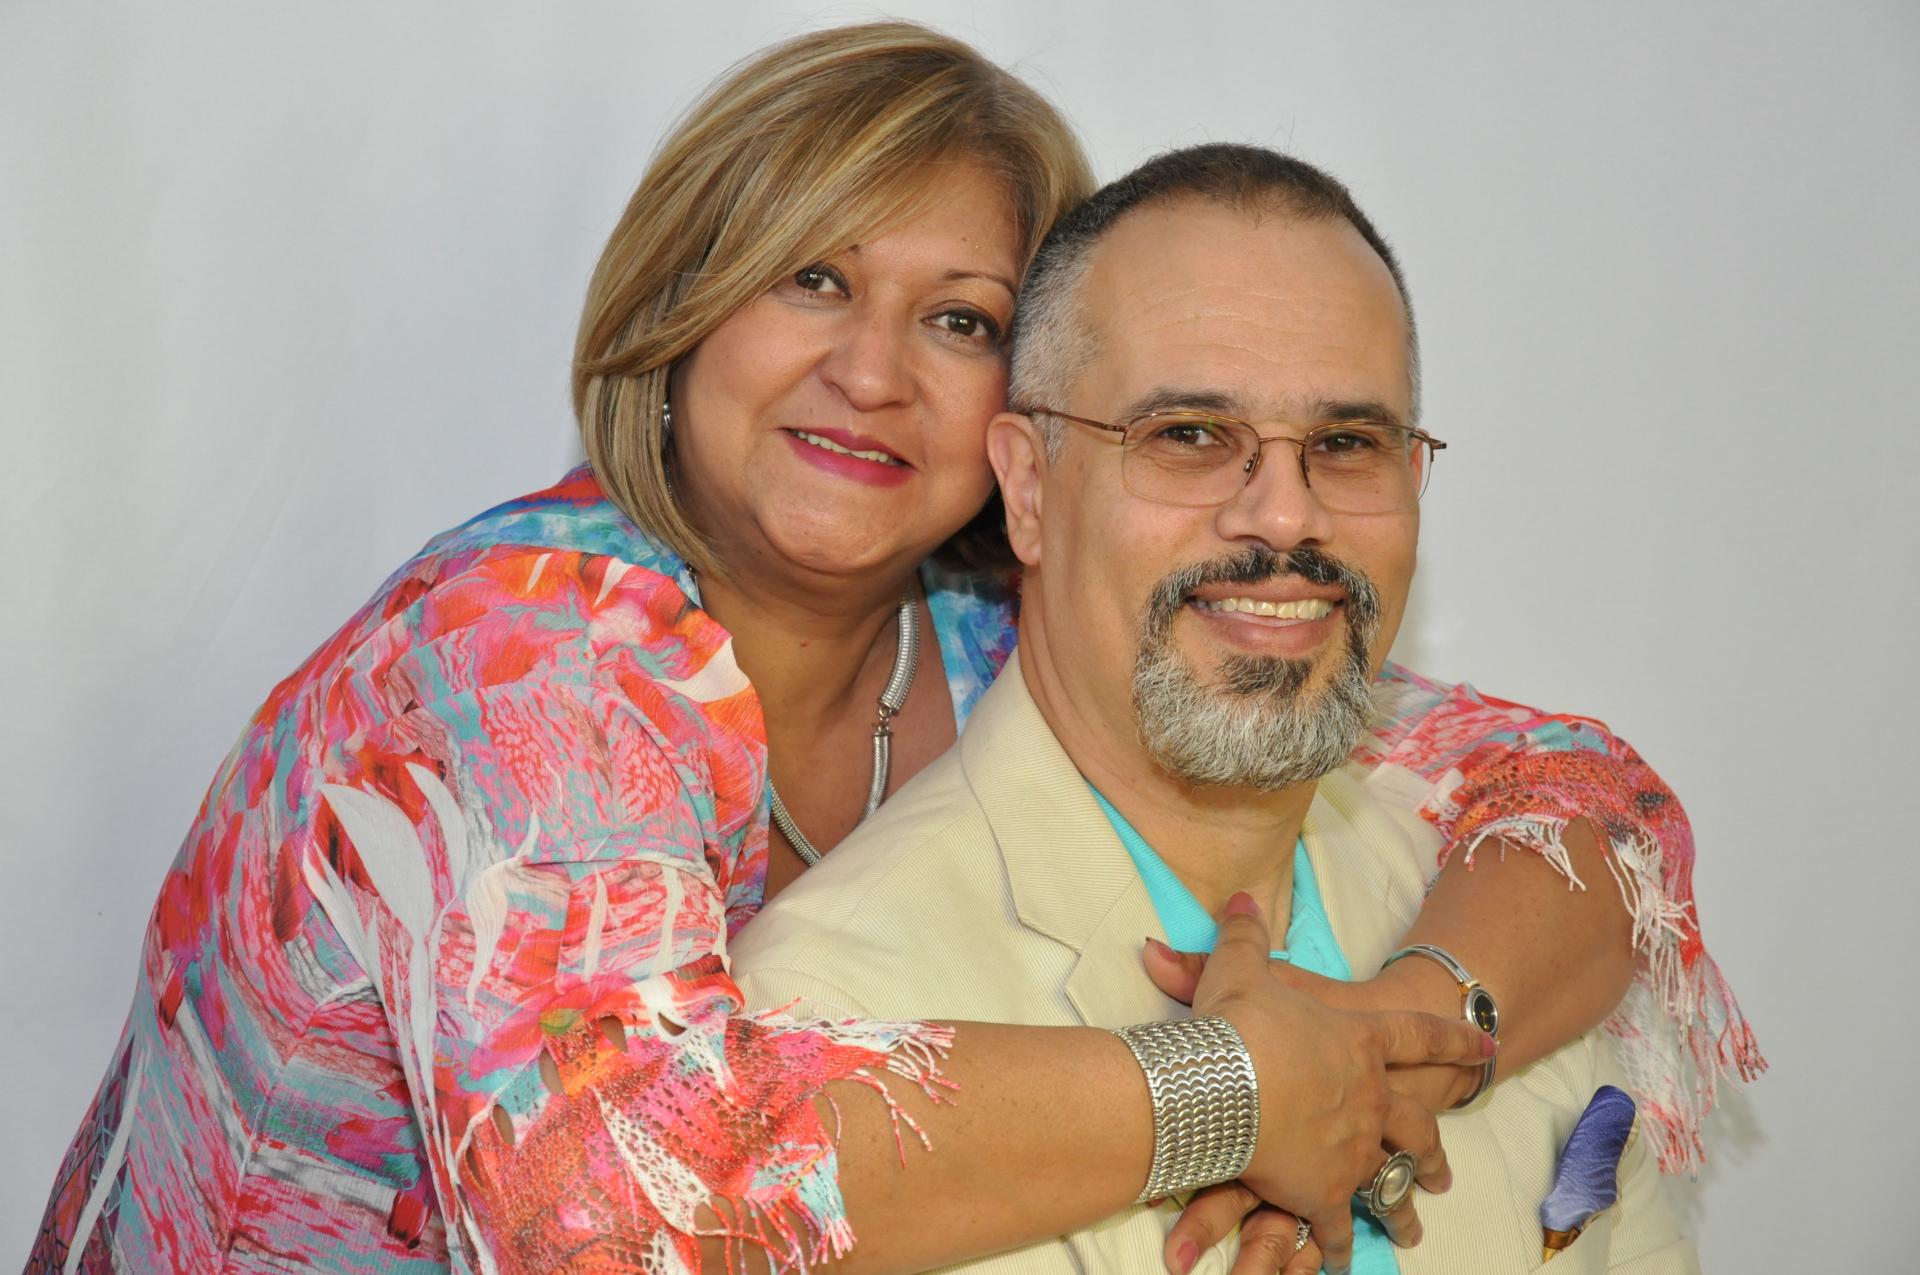 Información sobre la vida de los Pastores Soto